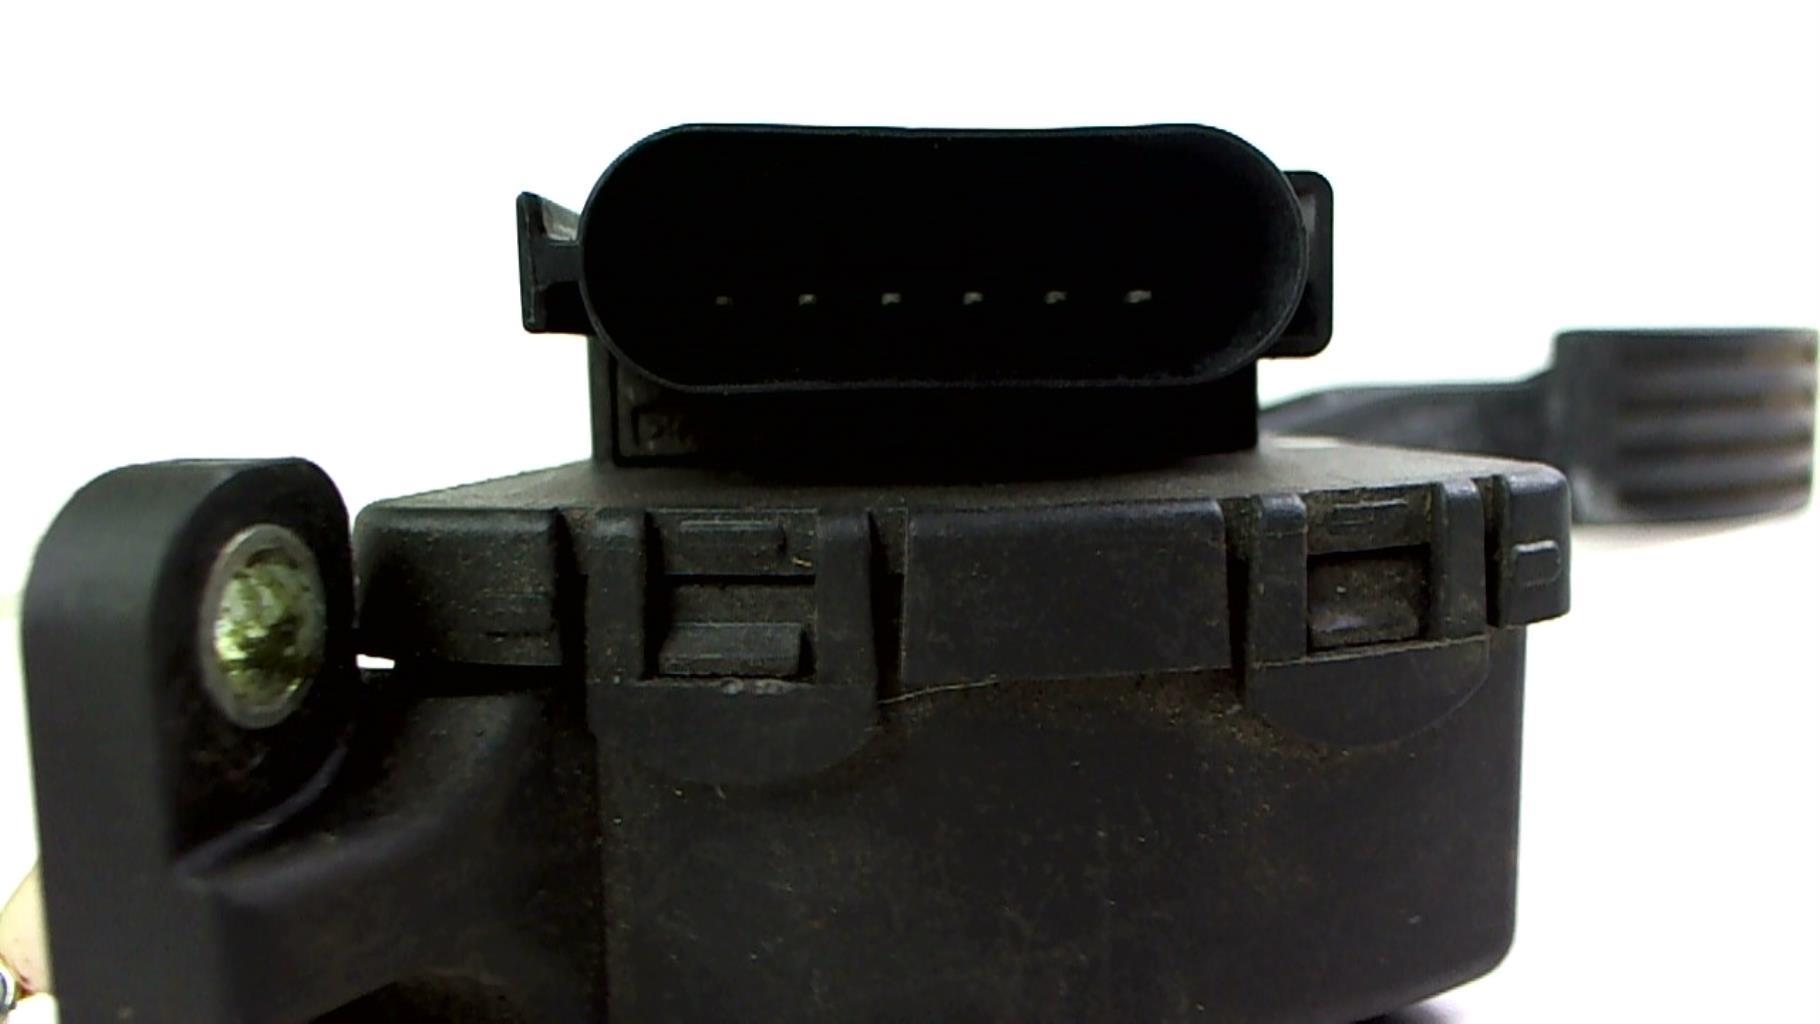 Image Potentiometre de pedale de gaz d'accelerateur - FORD C-MAX